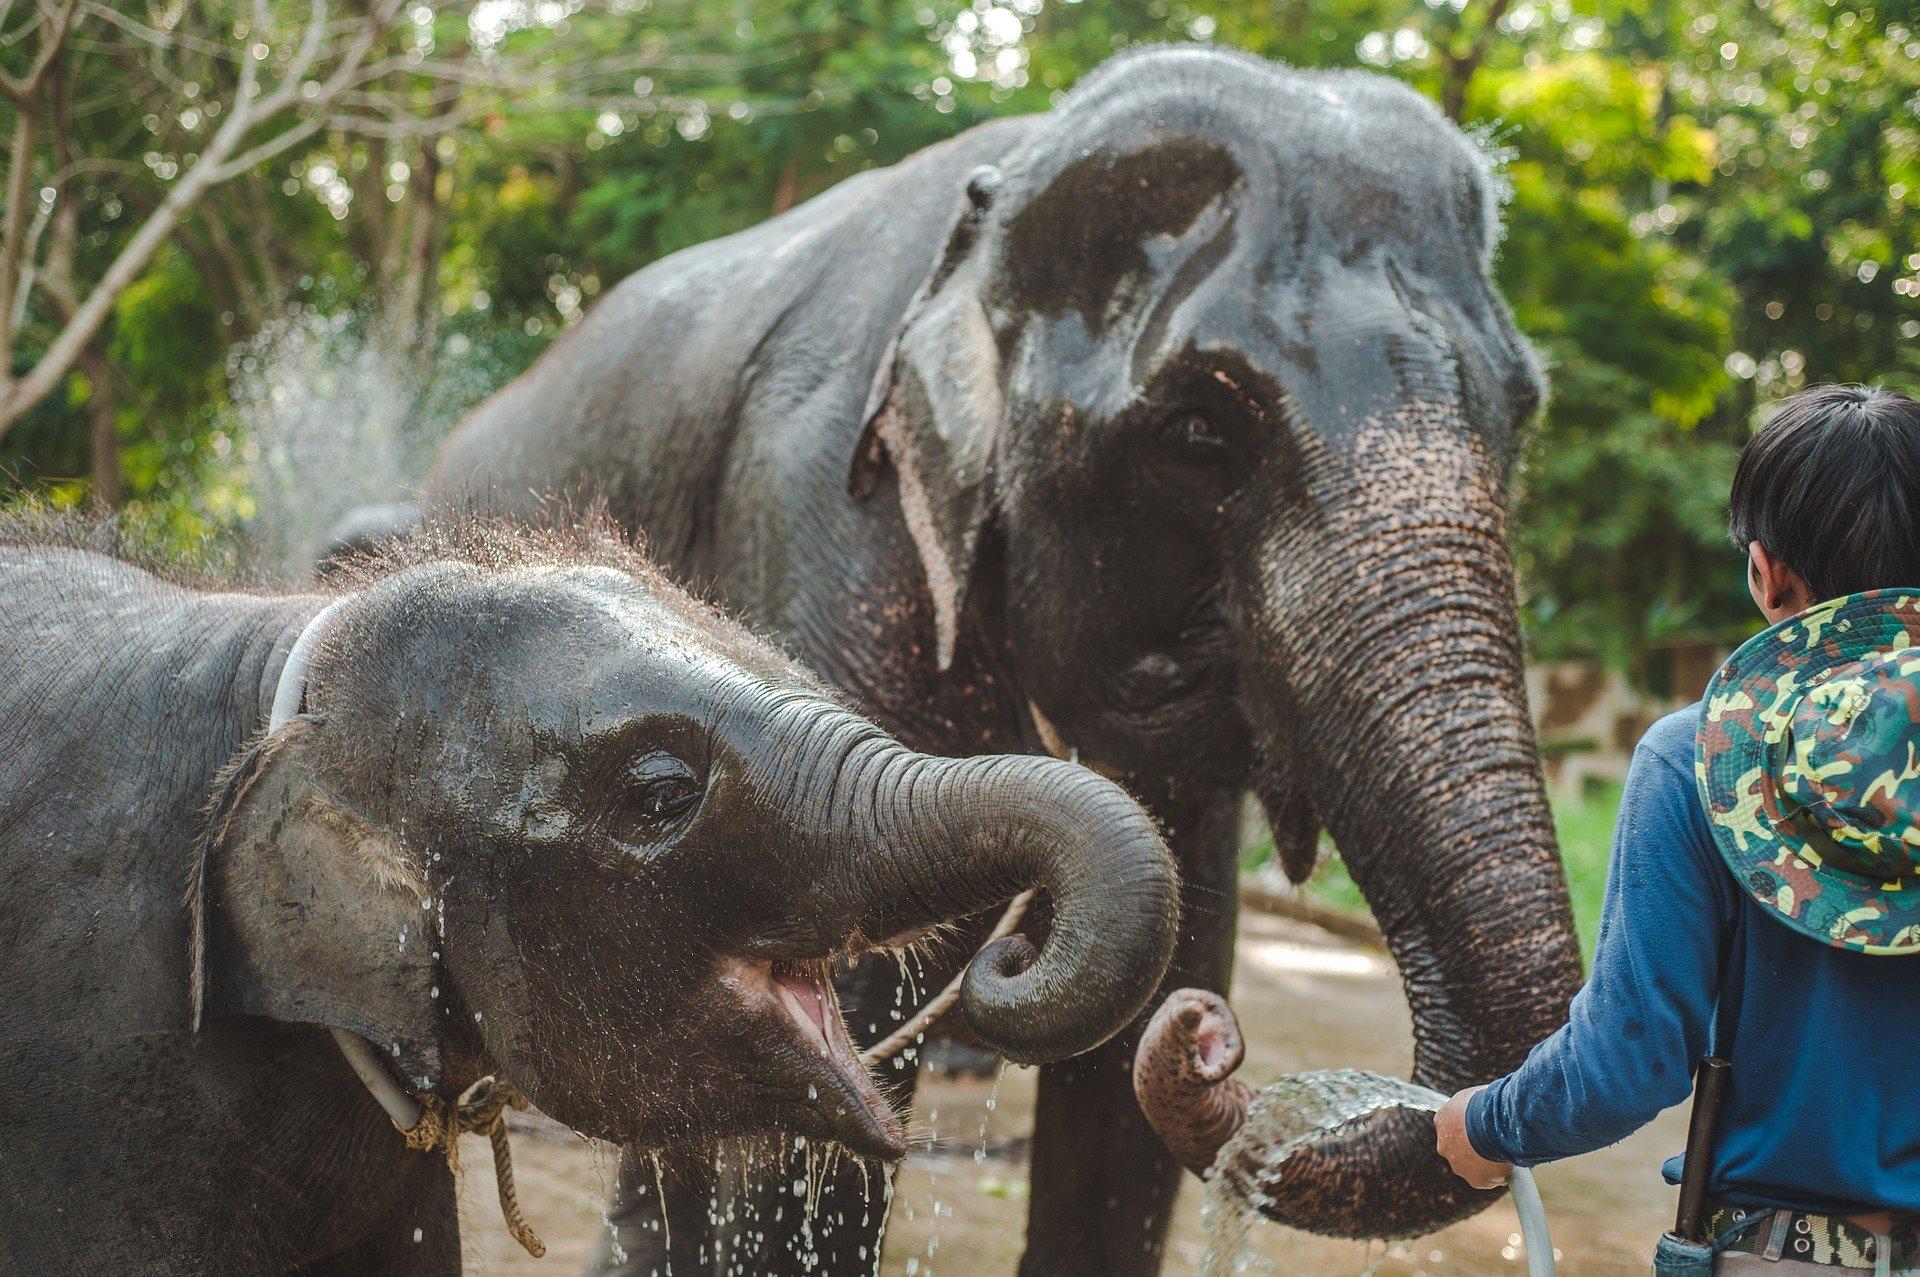 sanctuaire_asie_thailande_elephant_eau_bebe_elephanteau_mahout